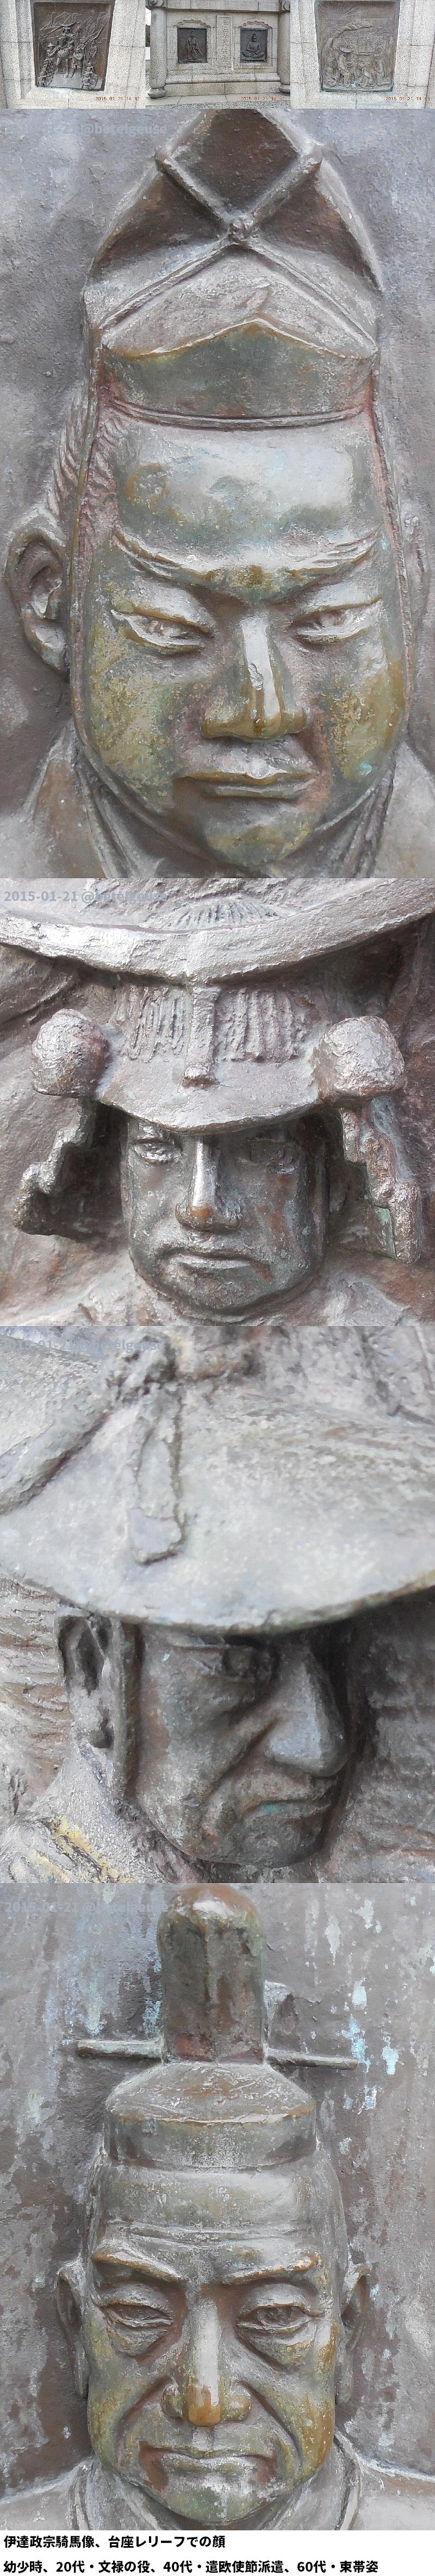 伊達政宗騎馬像台座のレリーフ、政宗の顔について 2015-01-21